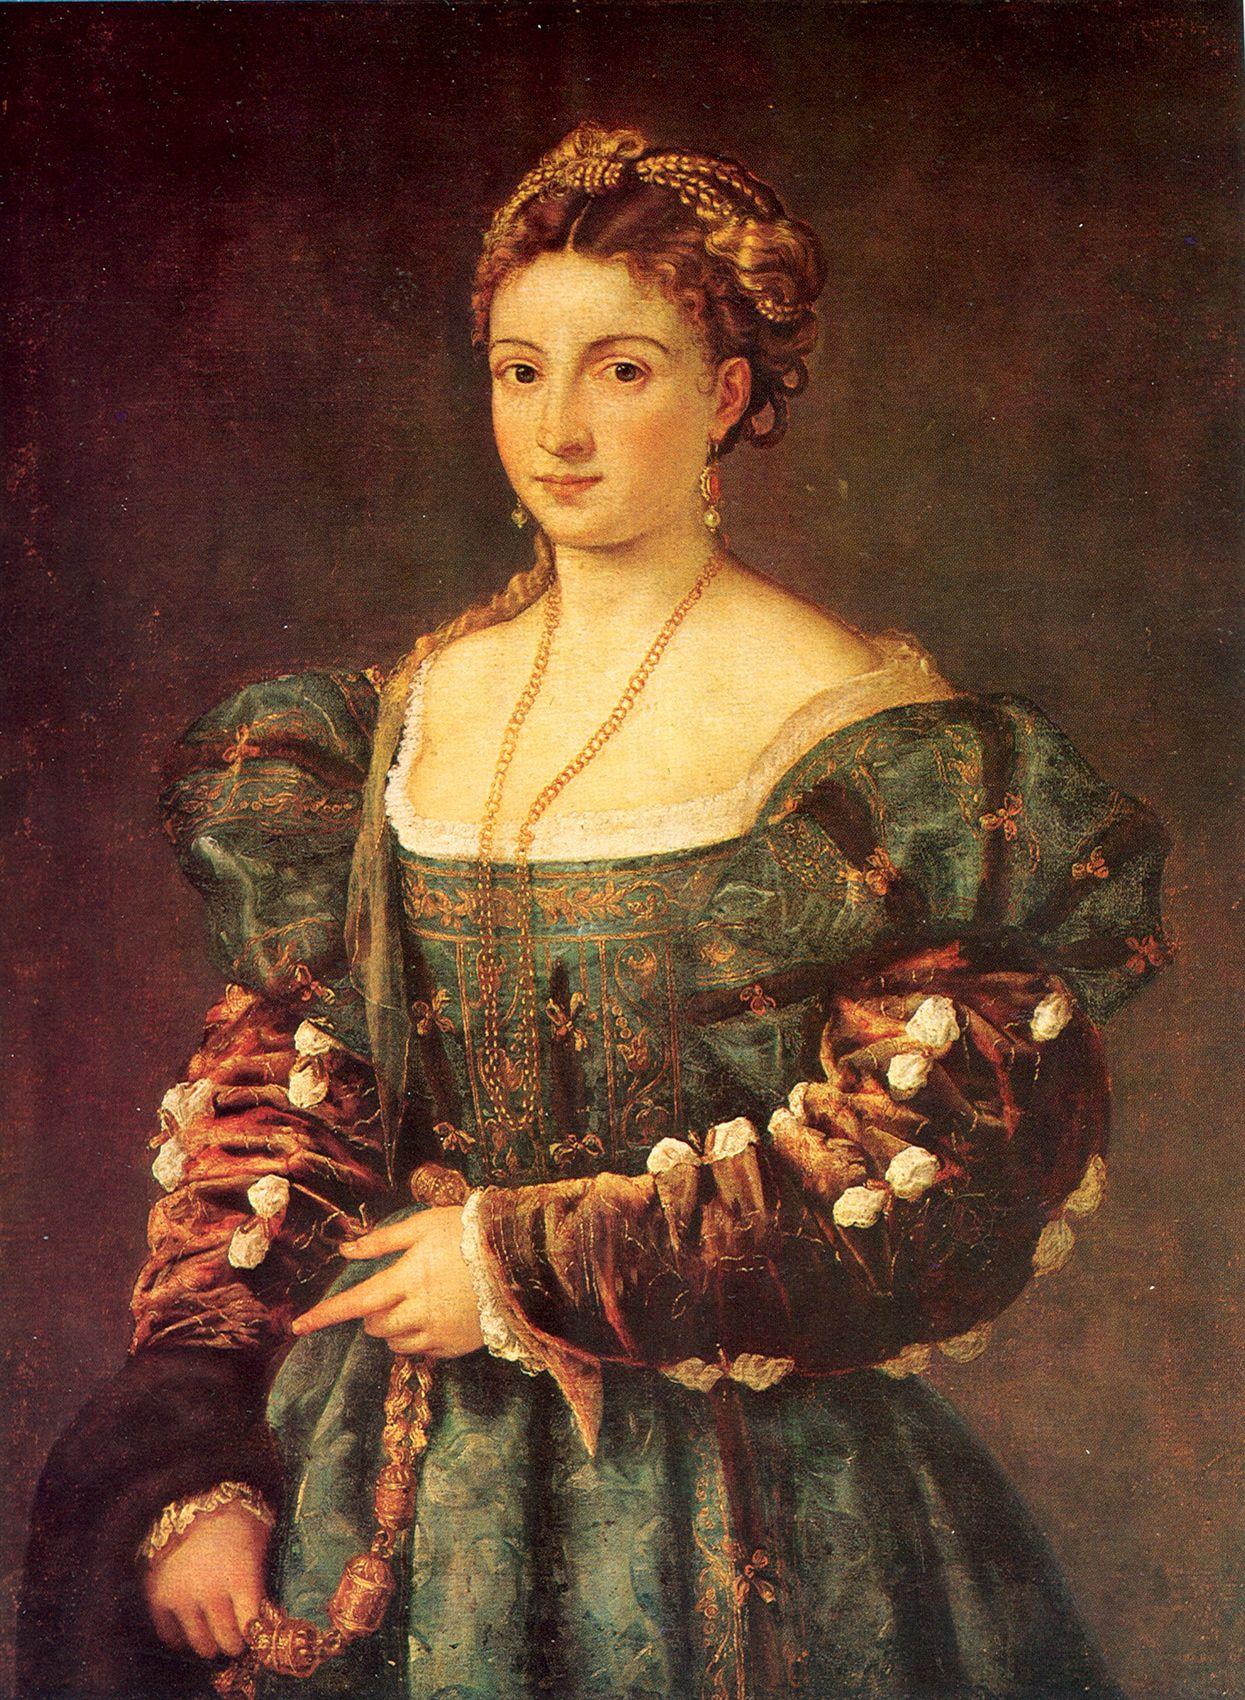 200 1536 Portrait of a Girl in a Blue Dress Titian Oil on